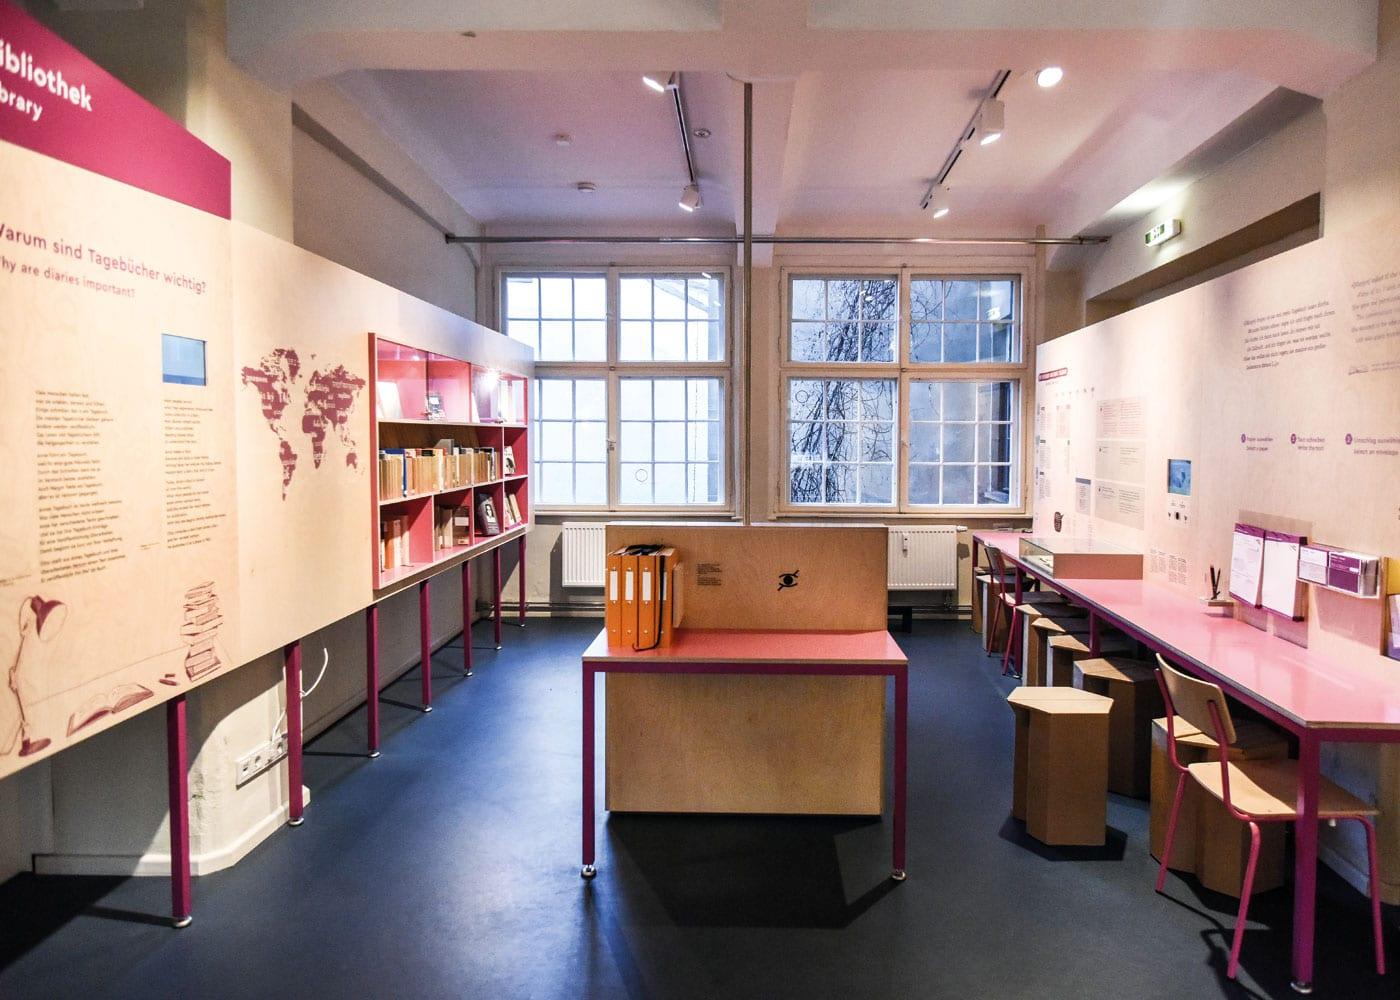 Bibliothek im Anne Frank Zentrum Berlin // HIMBEER